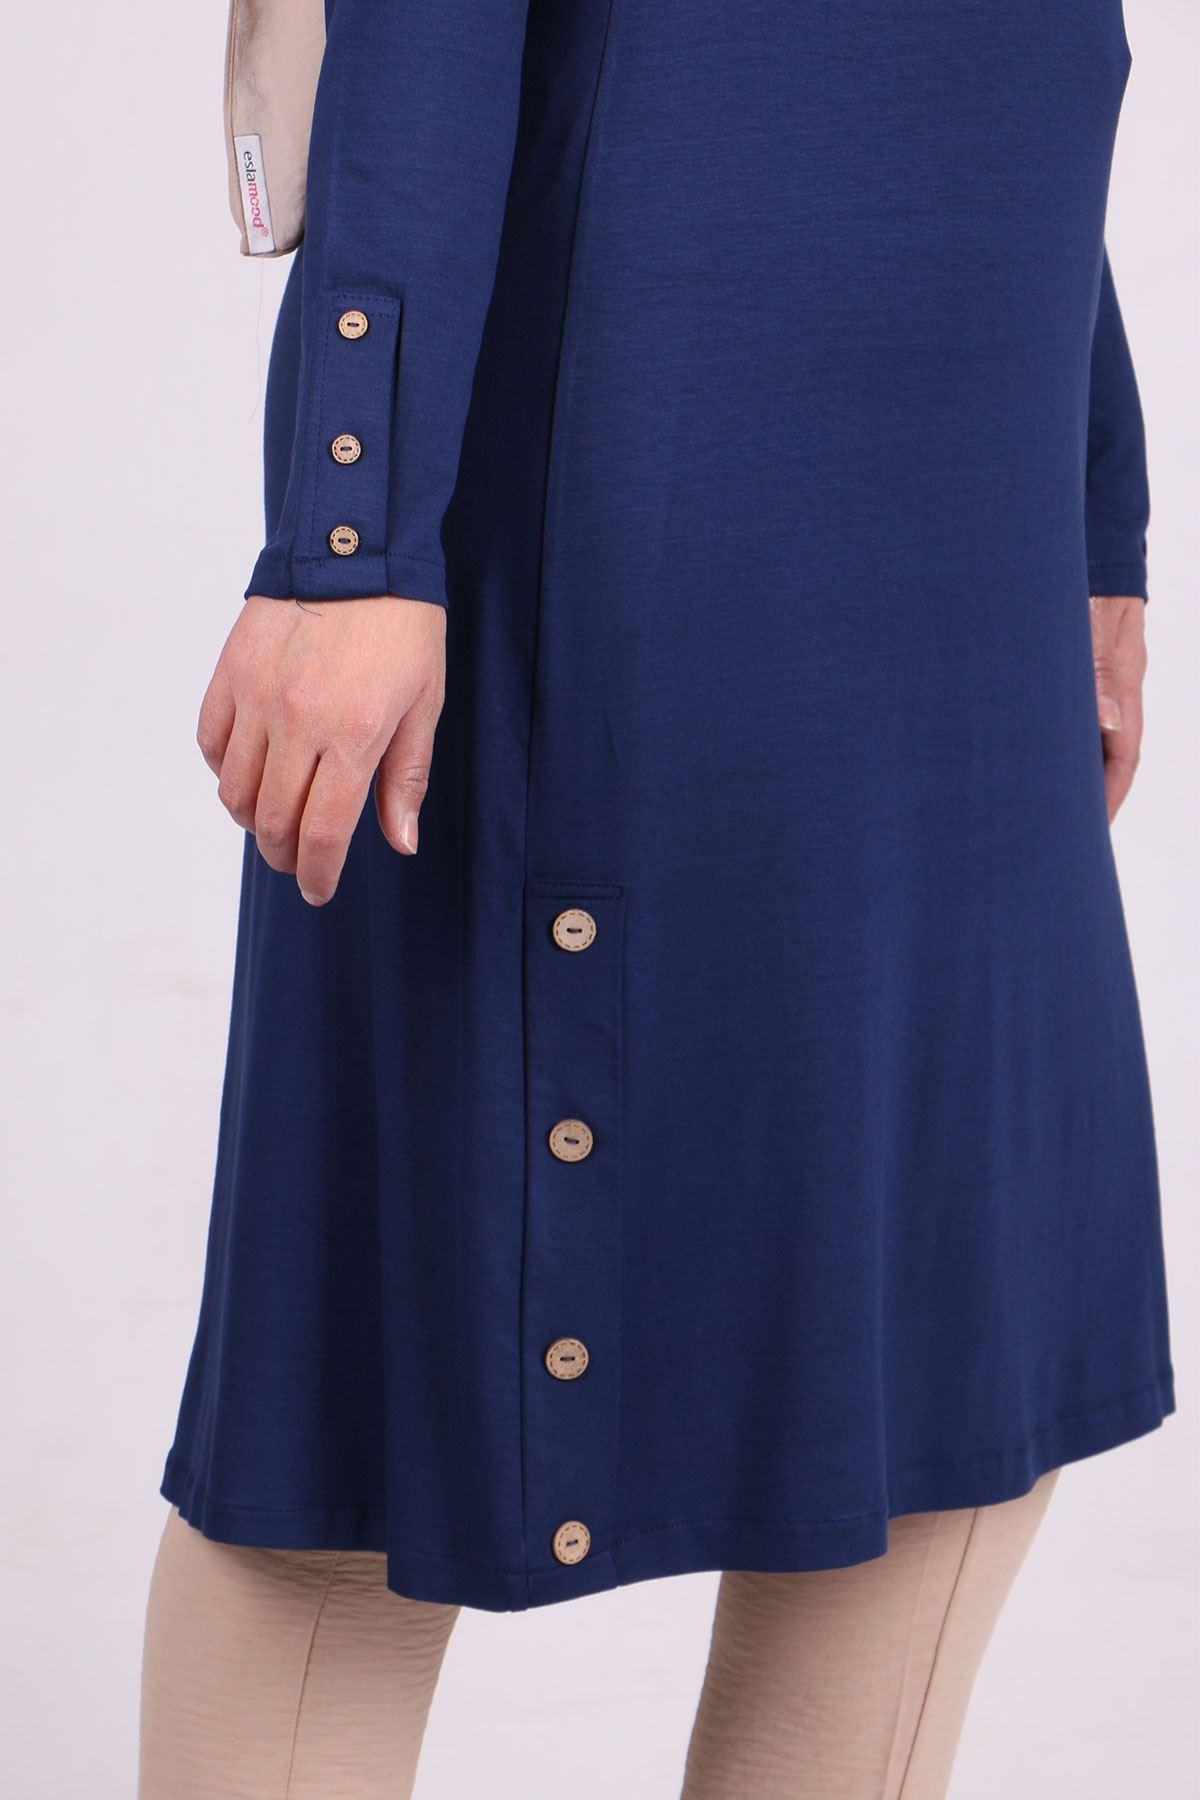 8180 Plus Size Button Detailed Tunic - Indigo